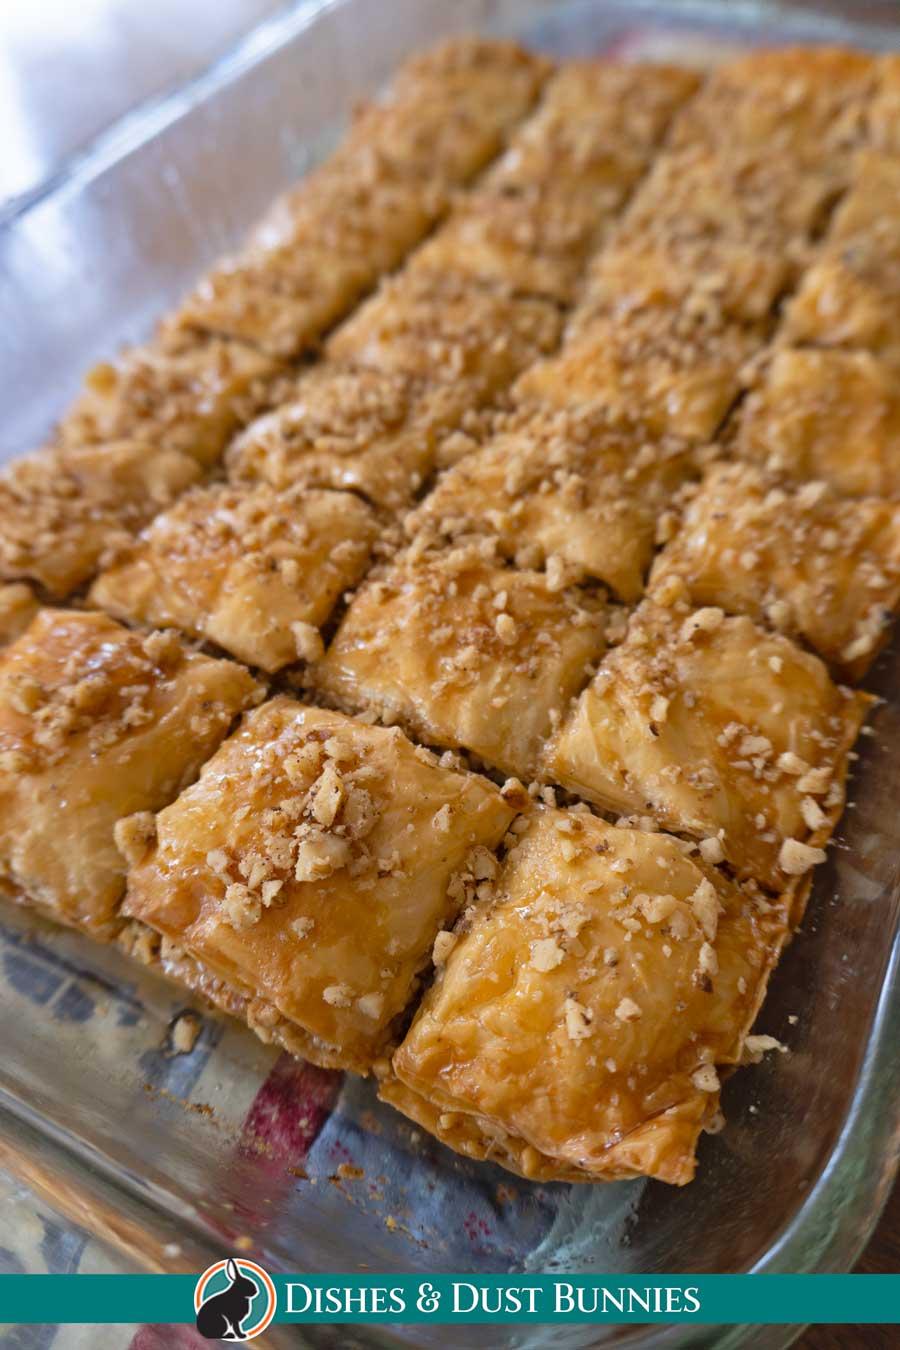 baklava in baking dish